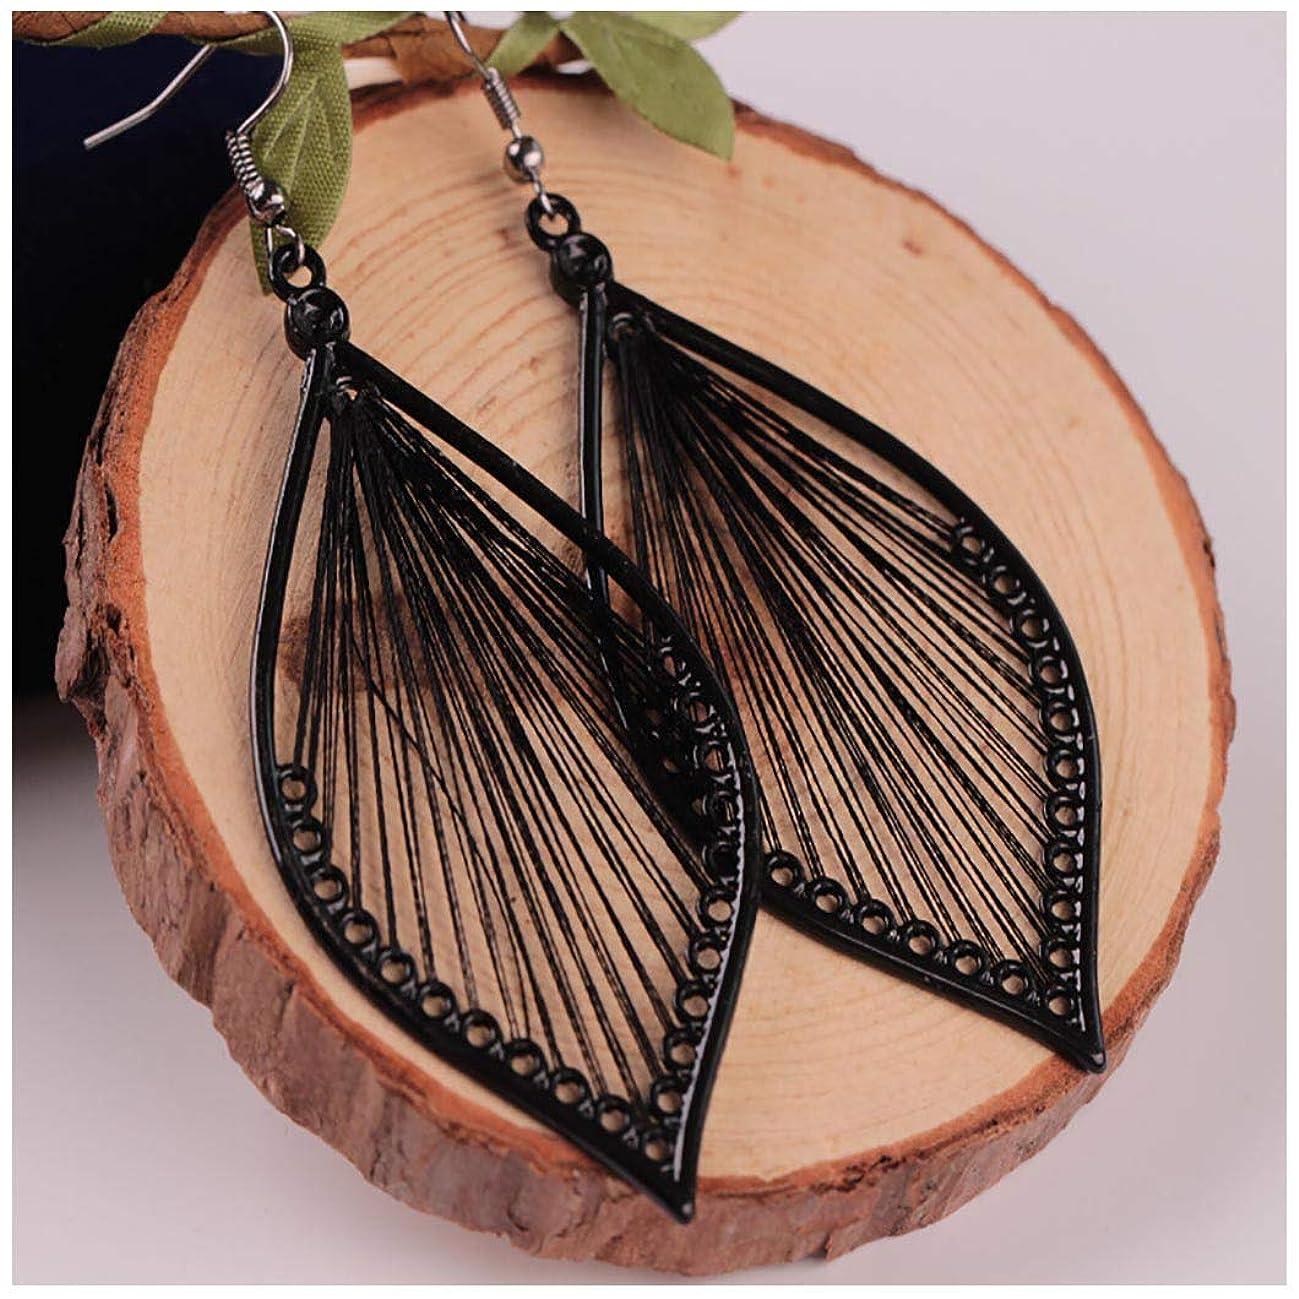 Leiothrix Woven Silk Geometrical Earrings Jewelry in Ellipse for Women and Girls